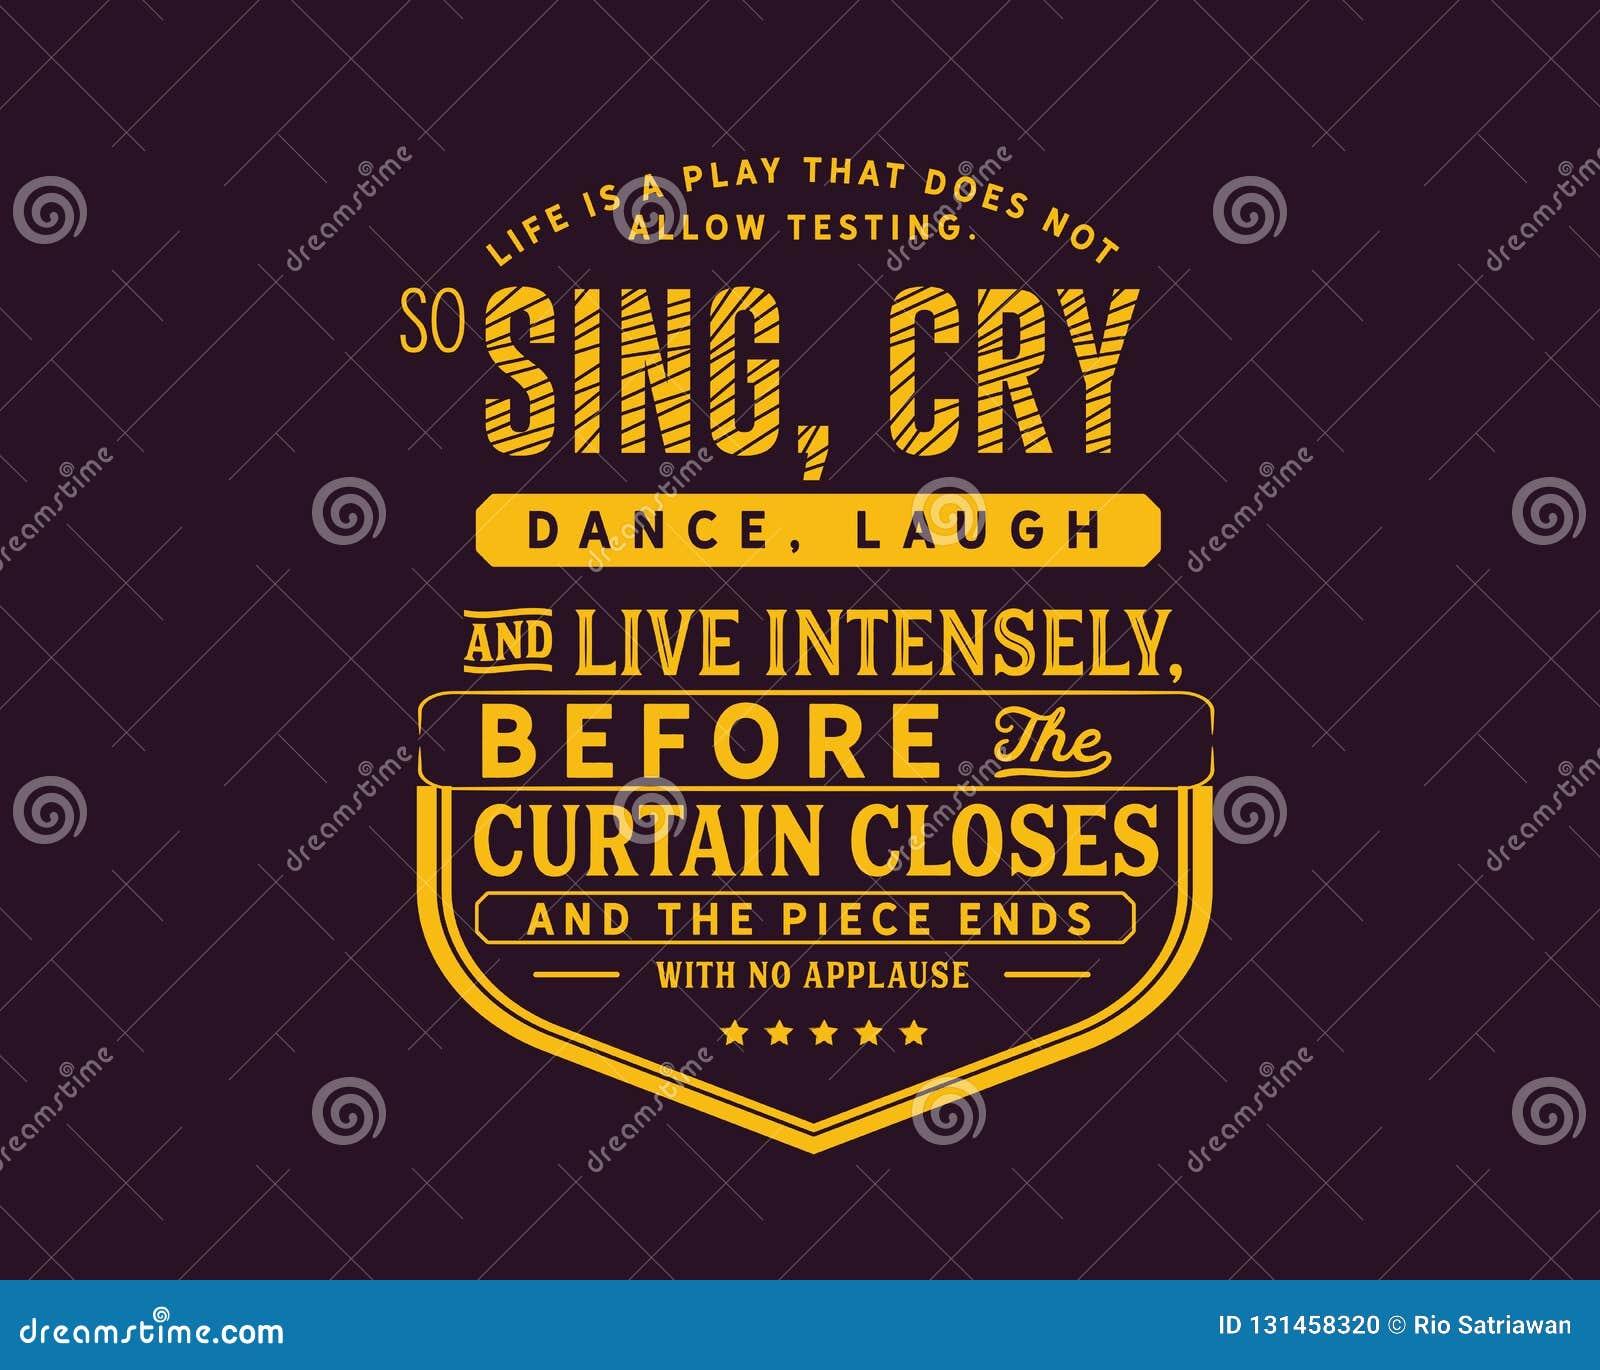 La vie est un jeu qui ne laisse pas examiner Ainsi, chantez, pleurer, danser, rire et vivre intensément,